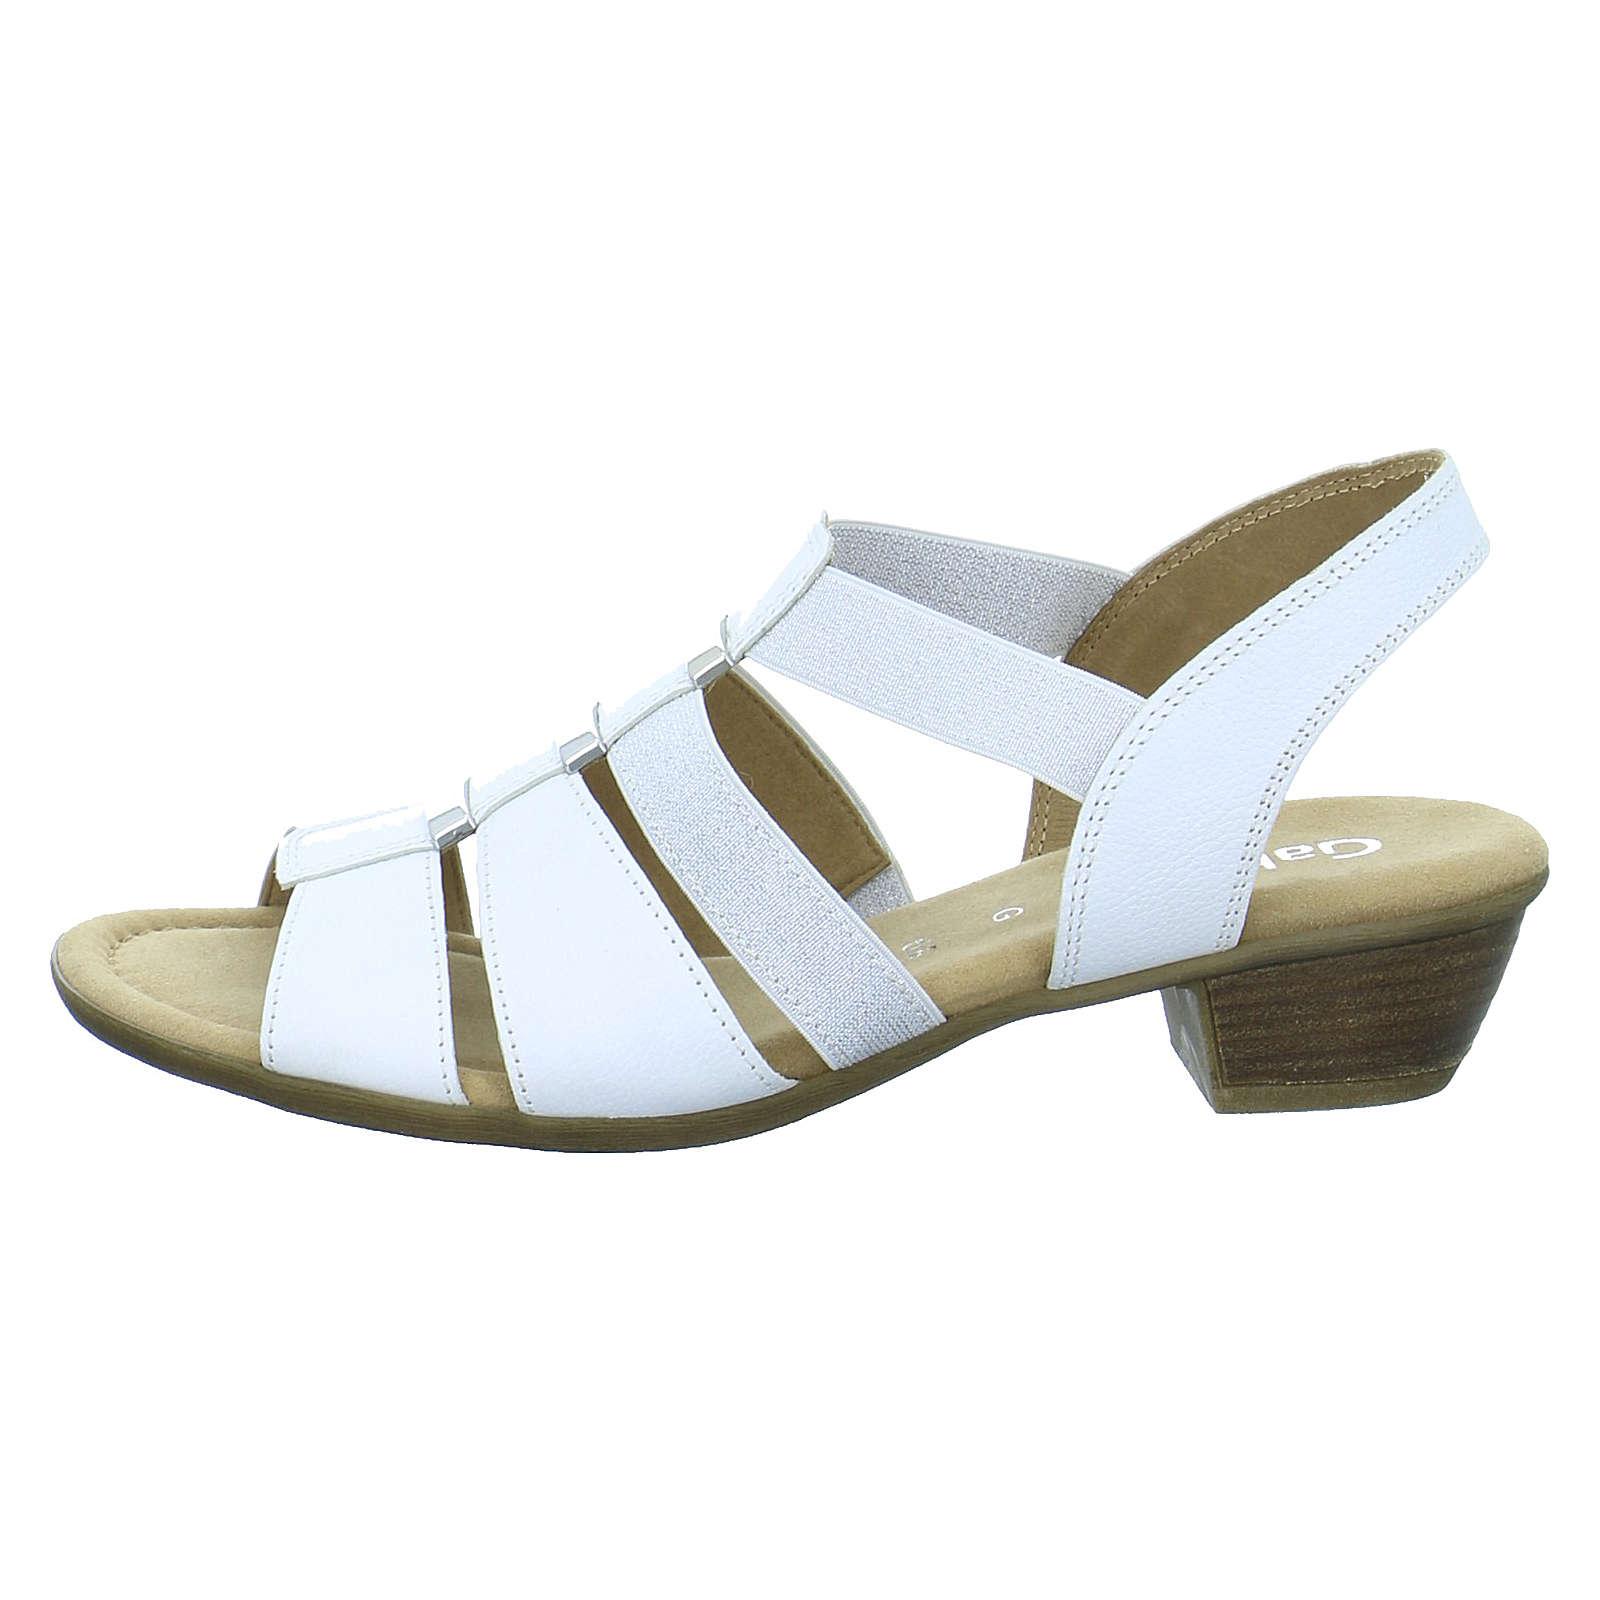 Gabor Sandaletten / Brautschuhe weiß Damen Gr. 40